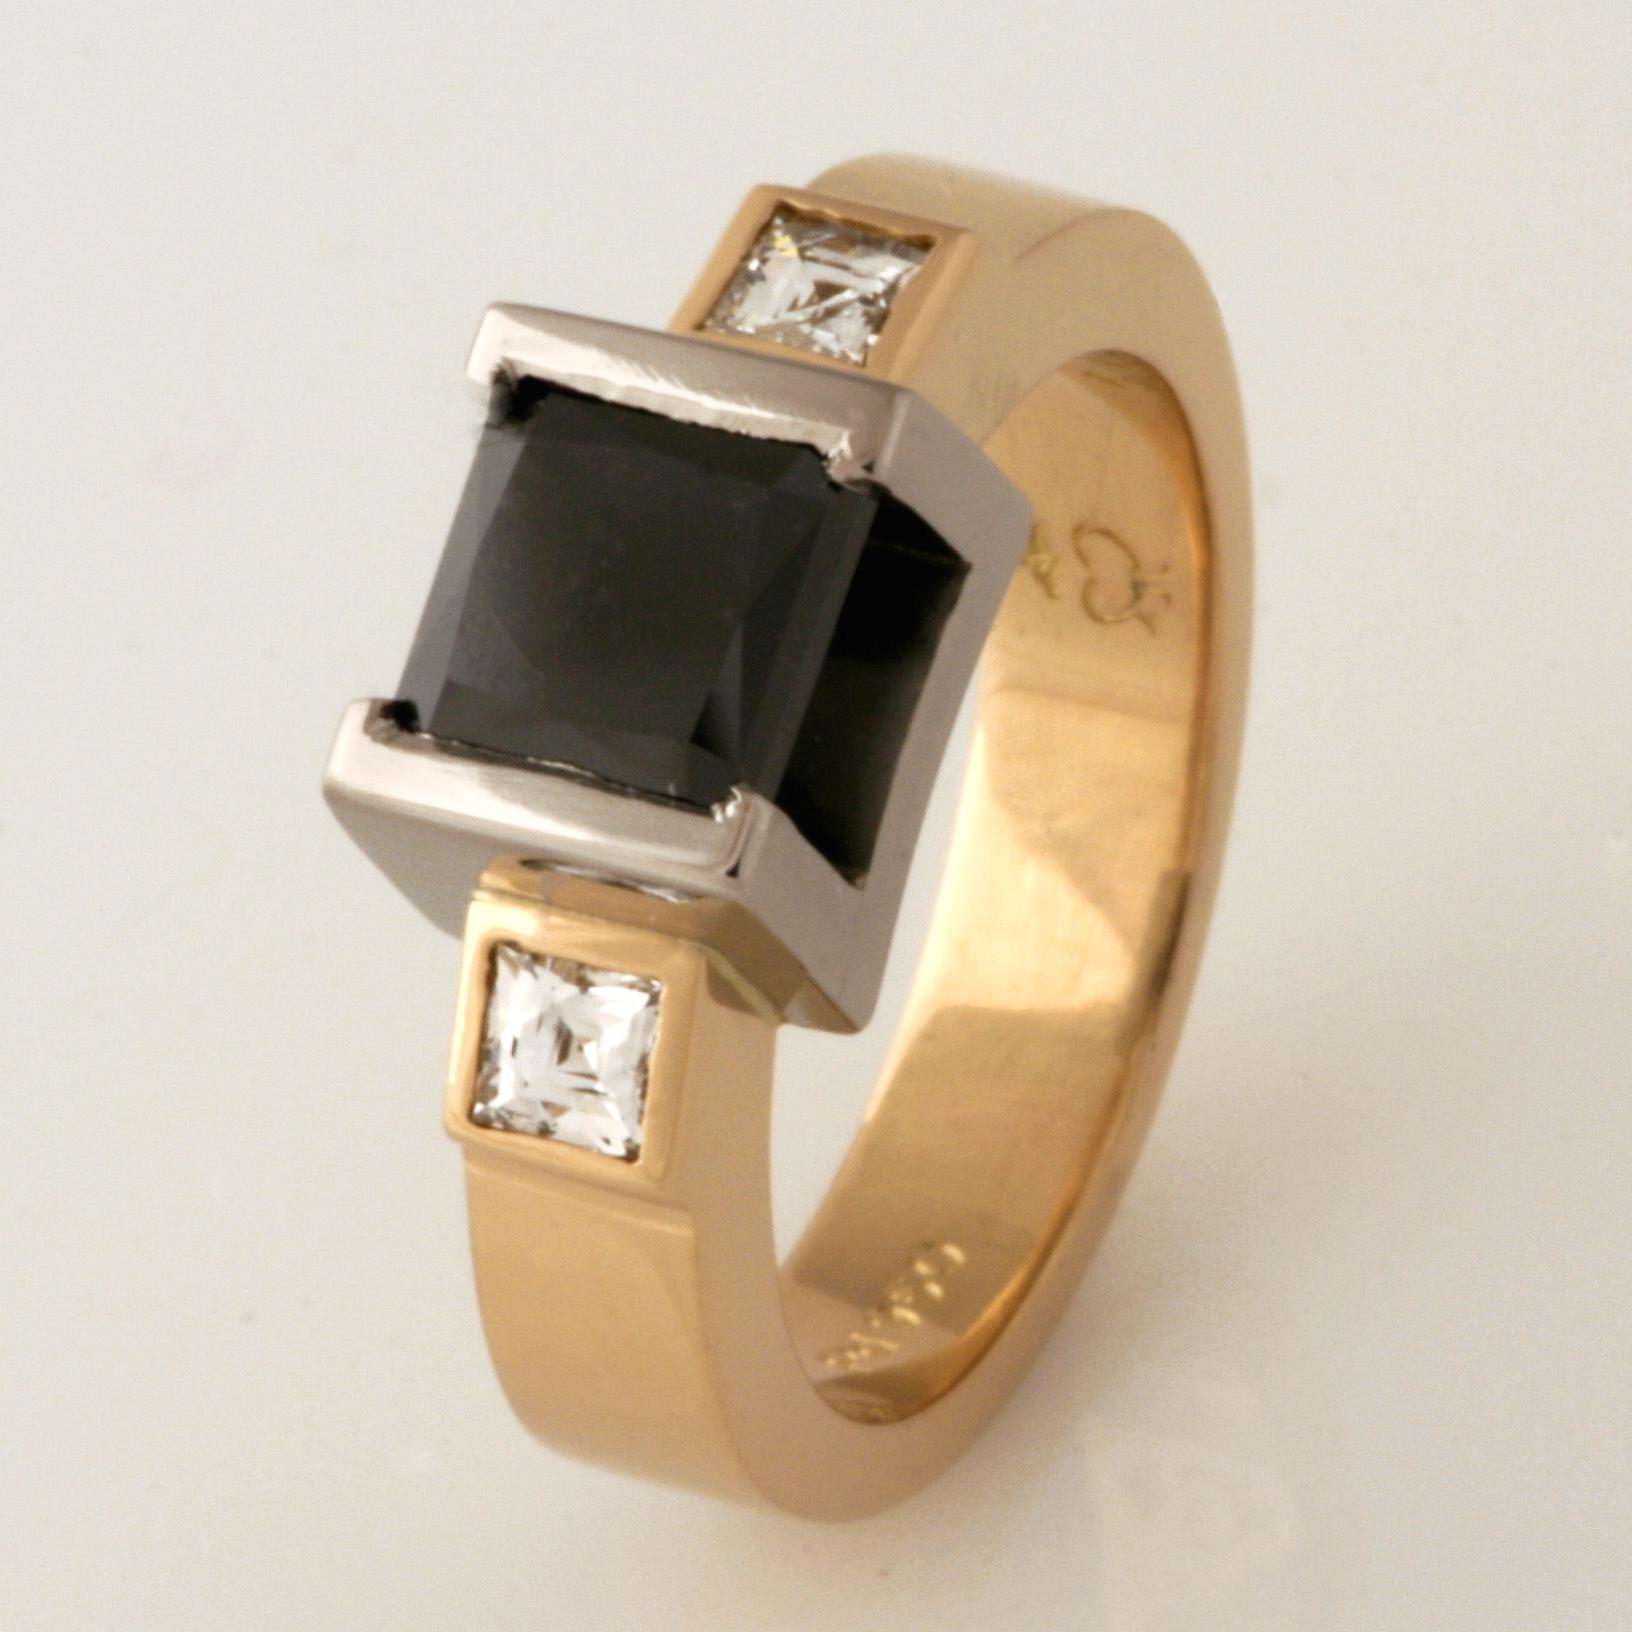 Handmade ladies 18ct yellow gold and palladium black diamond engagement ring